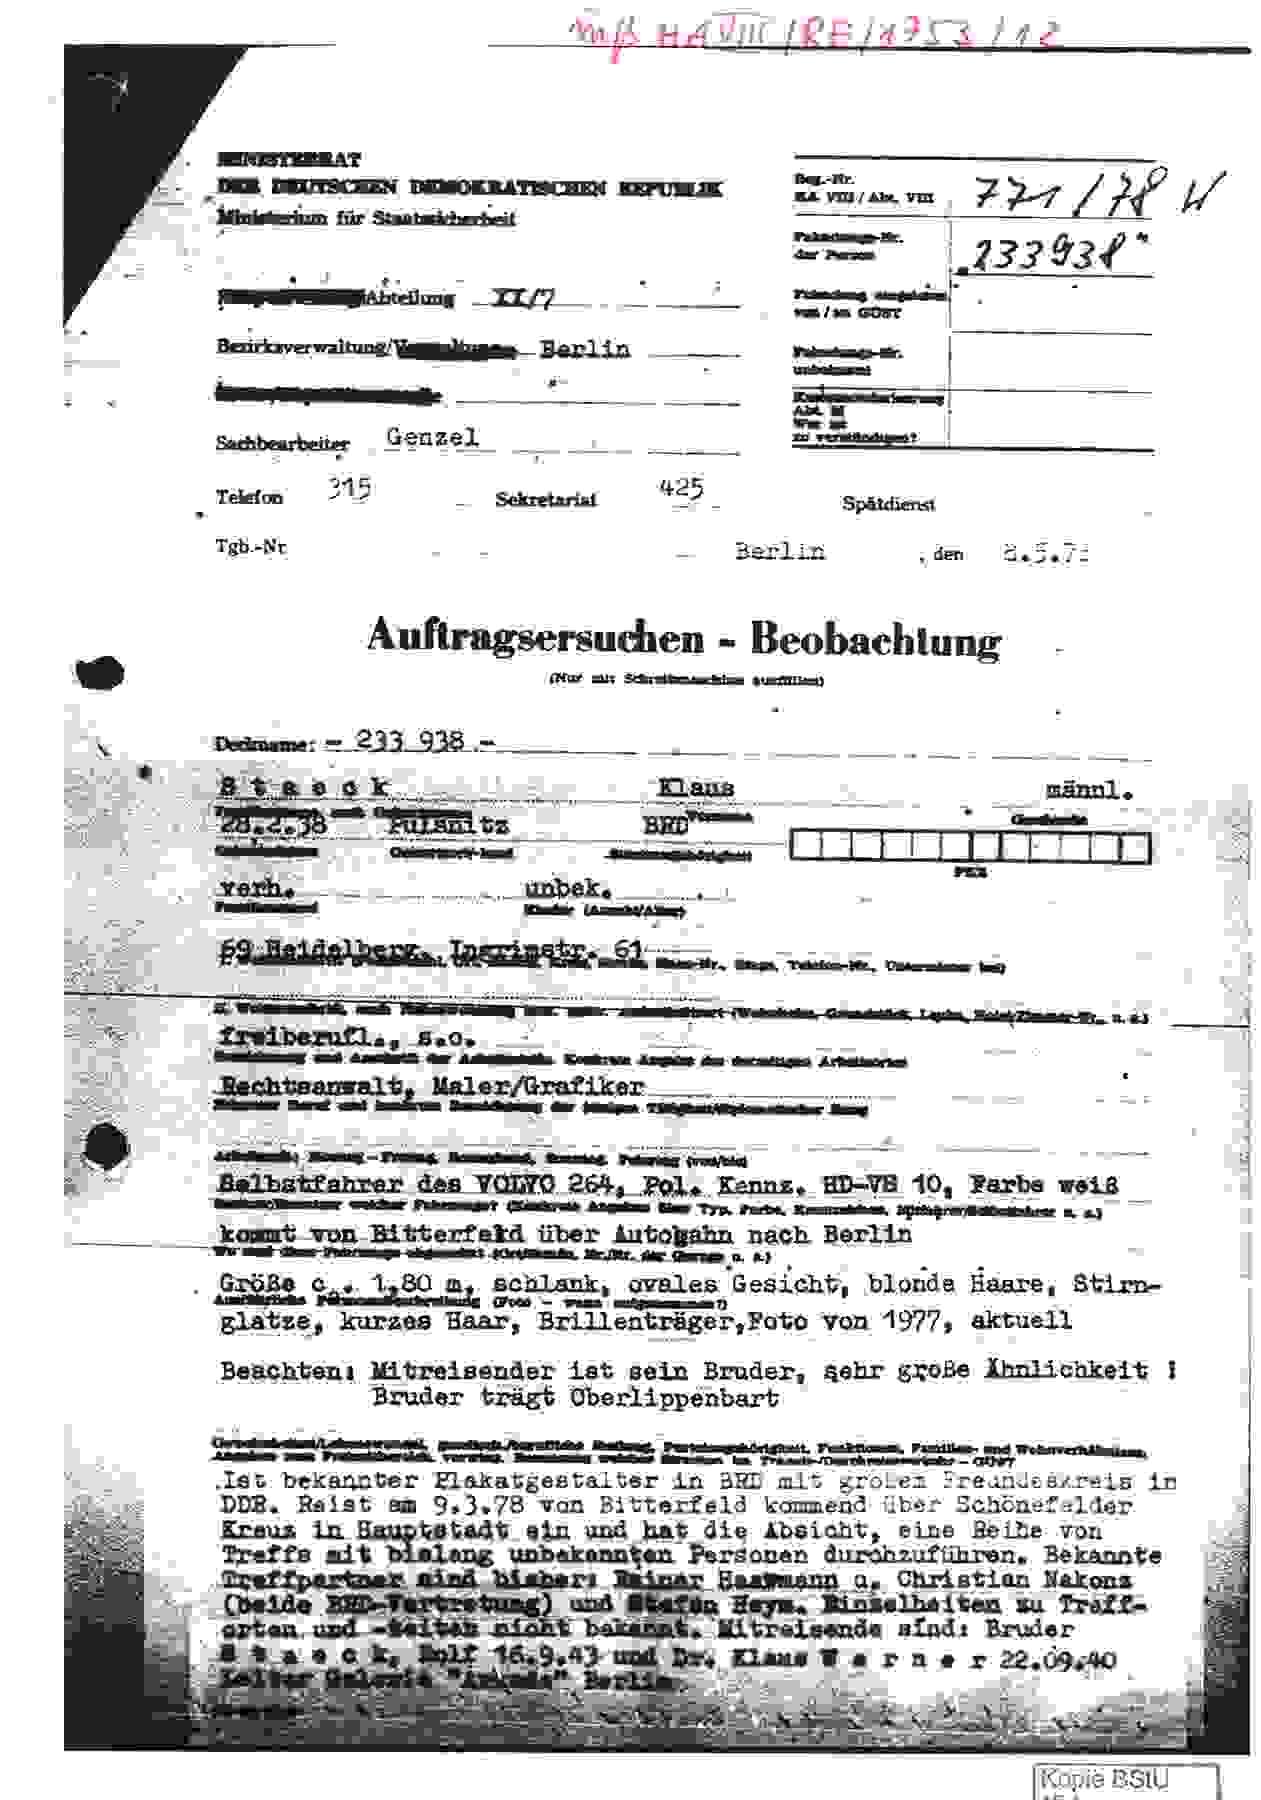 Stasi-Bericht über die Einreise von Klaus Staeck in die DDR am 8. Mai 1978